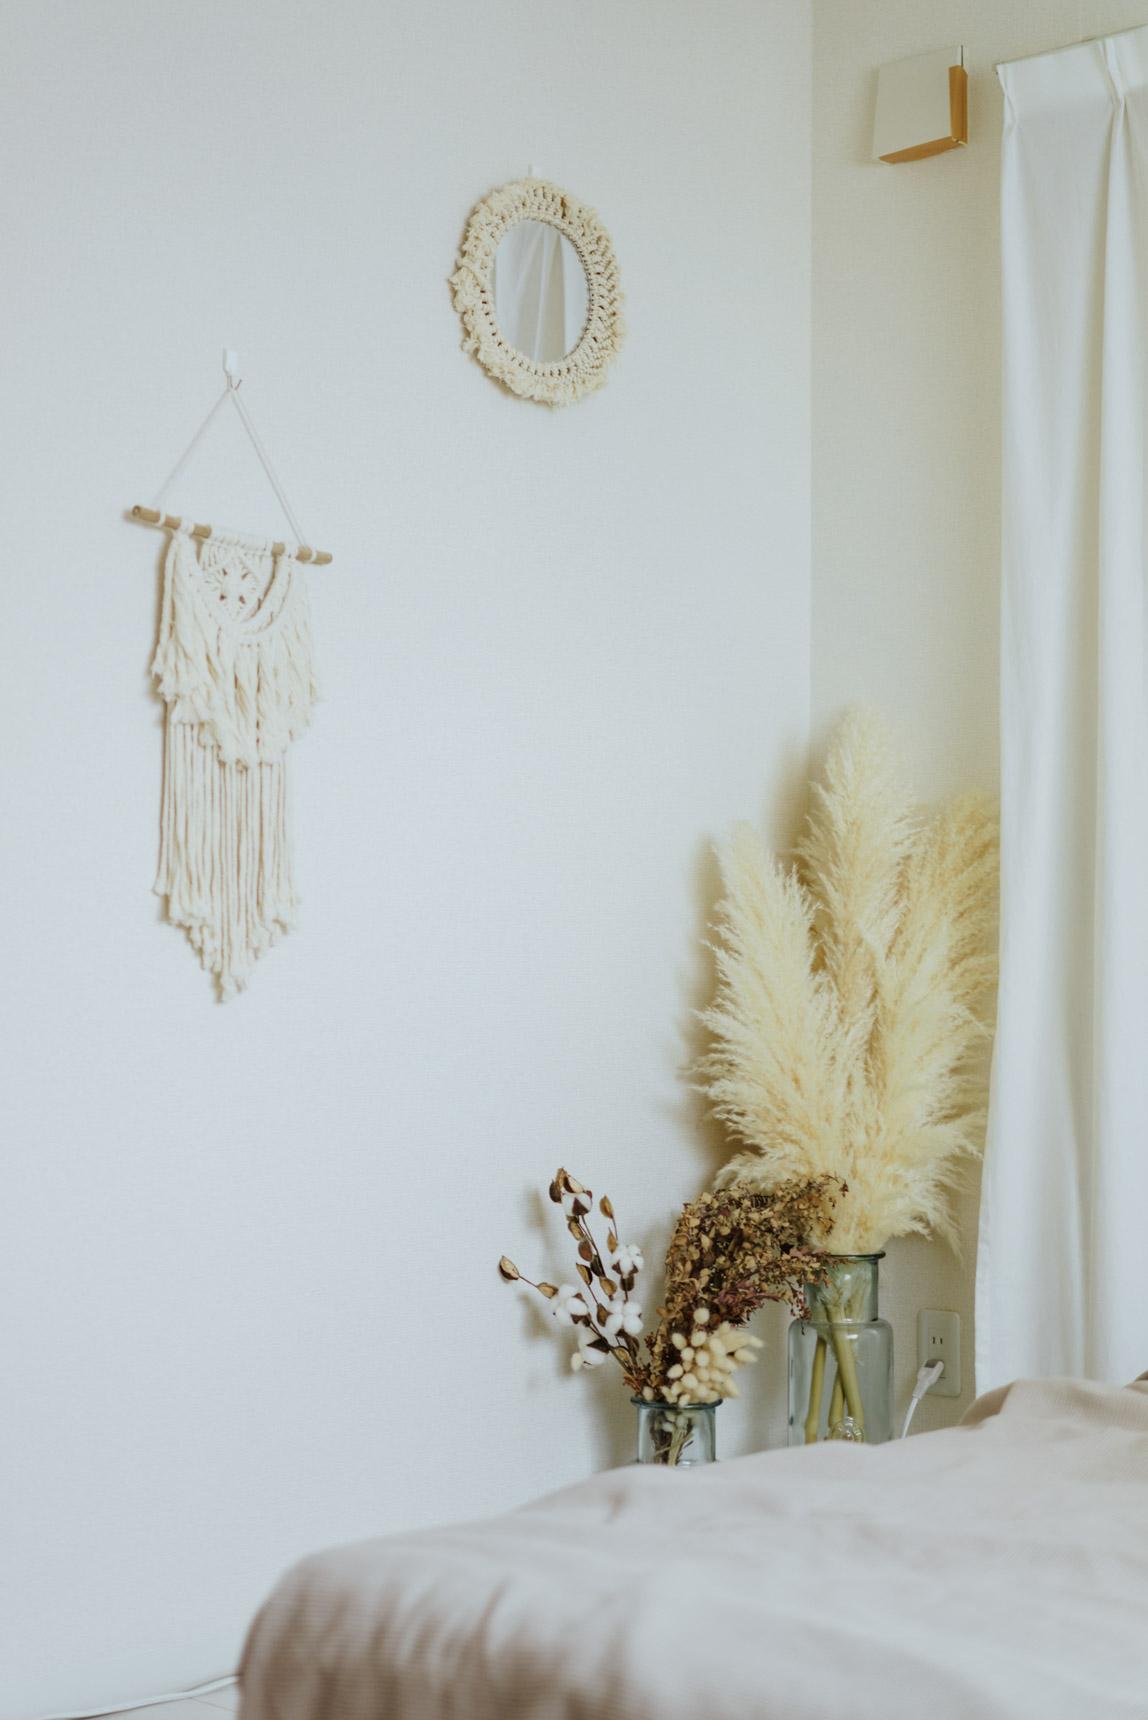 お家だとテーブルに飾るというよりは、床に置いて飾るイメージ。フラワーベースも高さのあるものや重みのあるタイプを選んでみてください。(この画像の詳細はこちら)